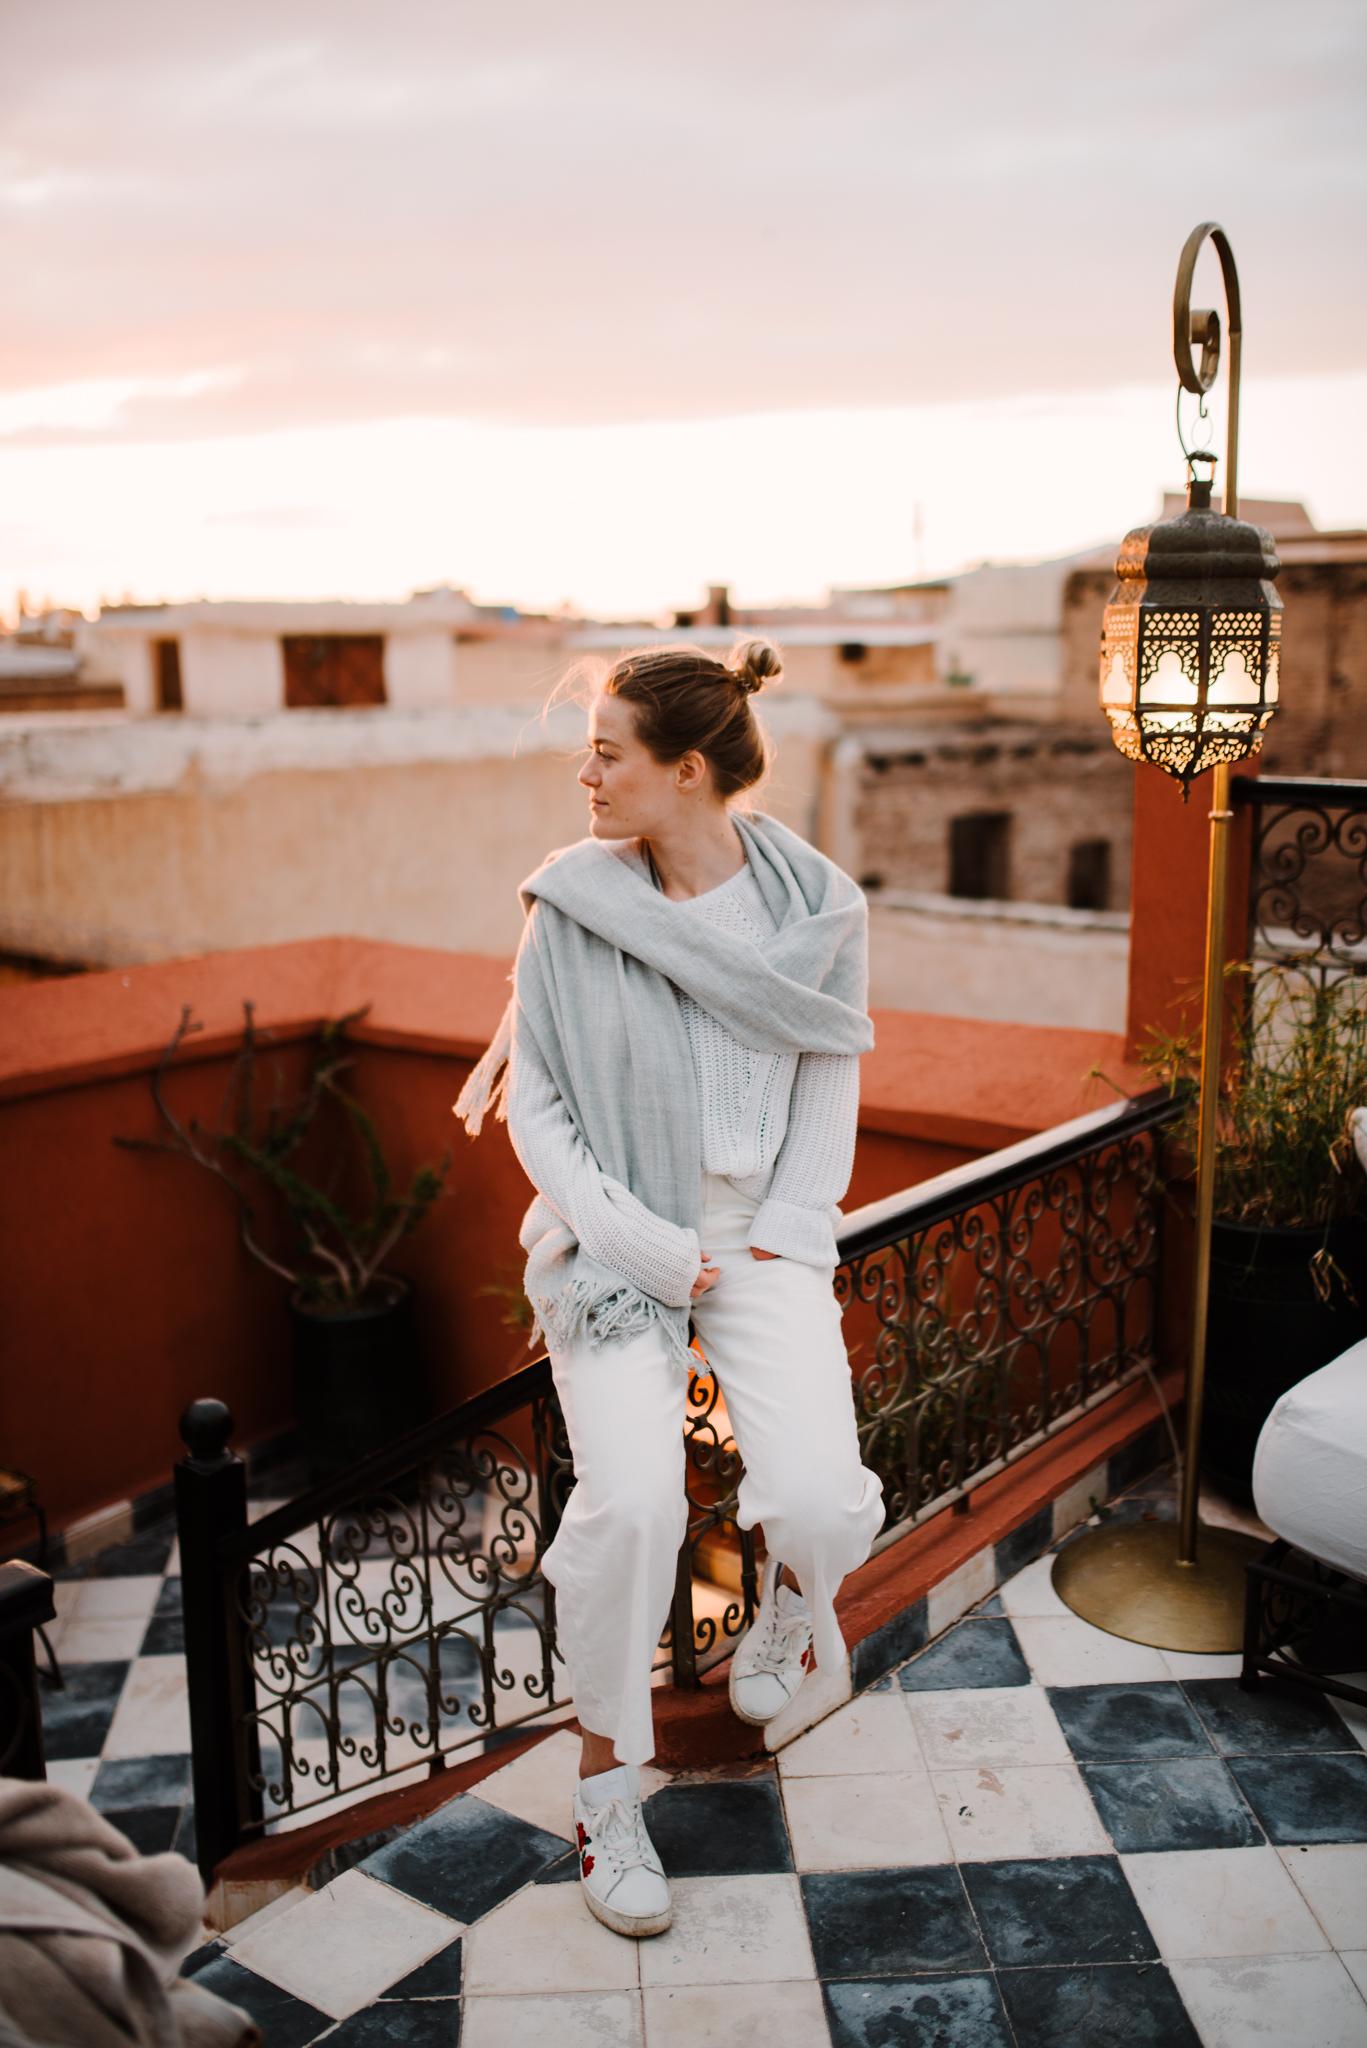 Anoukfotografeert Marokko reis-86